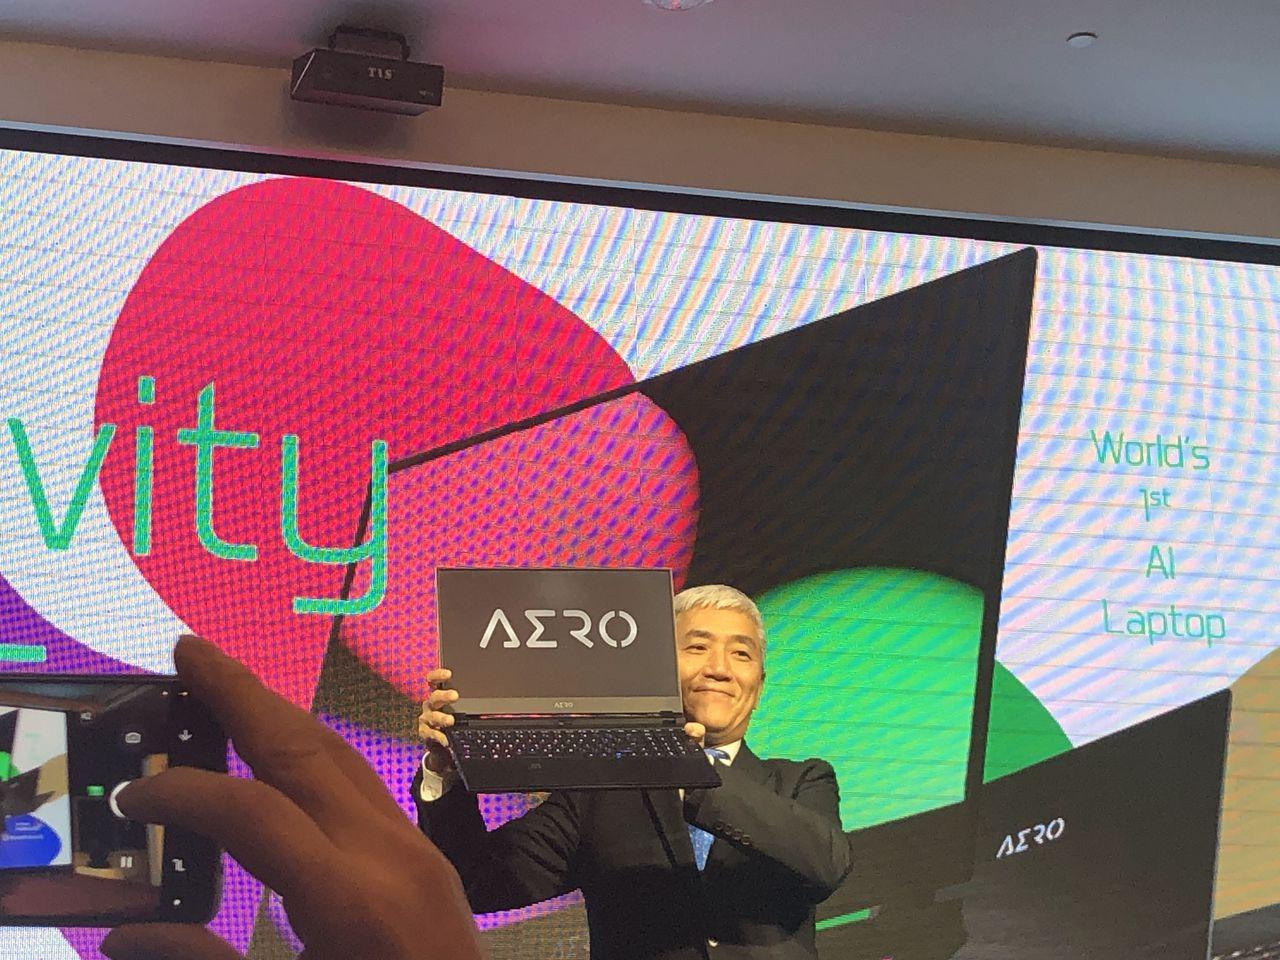 技嘉發布AERO新筆電,董座葉培城樂觀看新品效益。圖/聯合報系資料照片